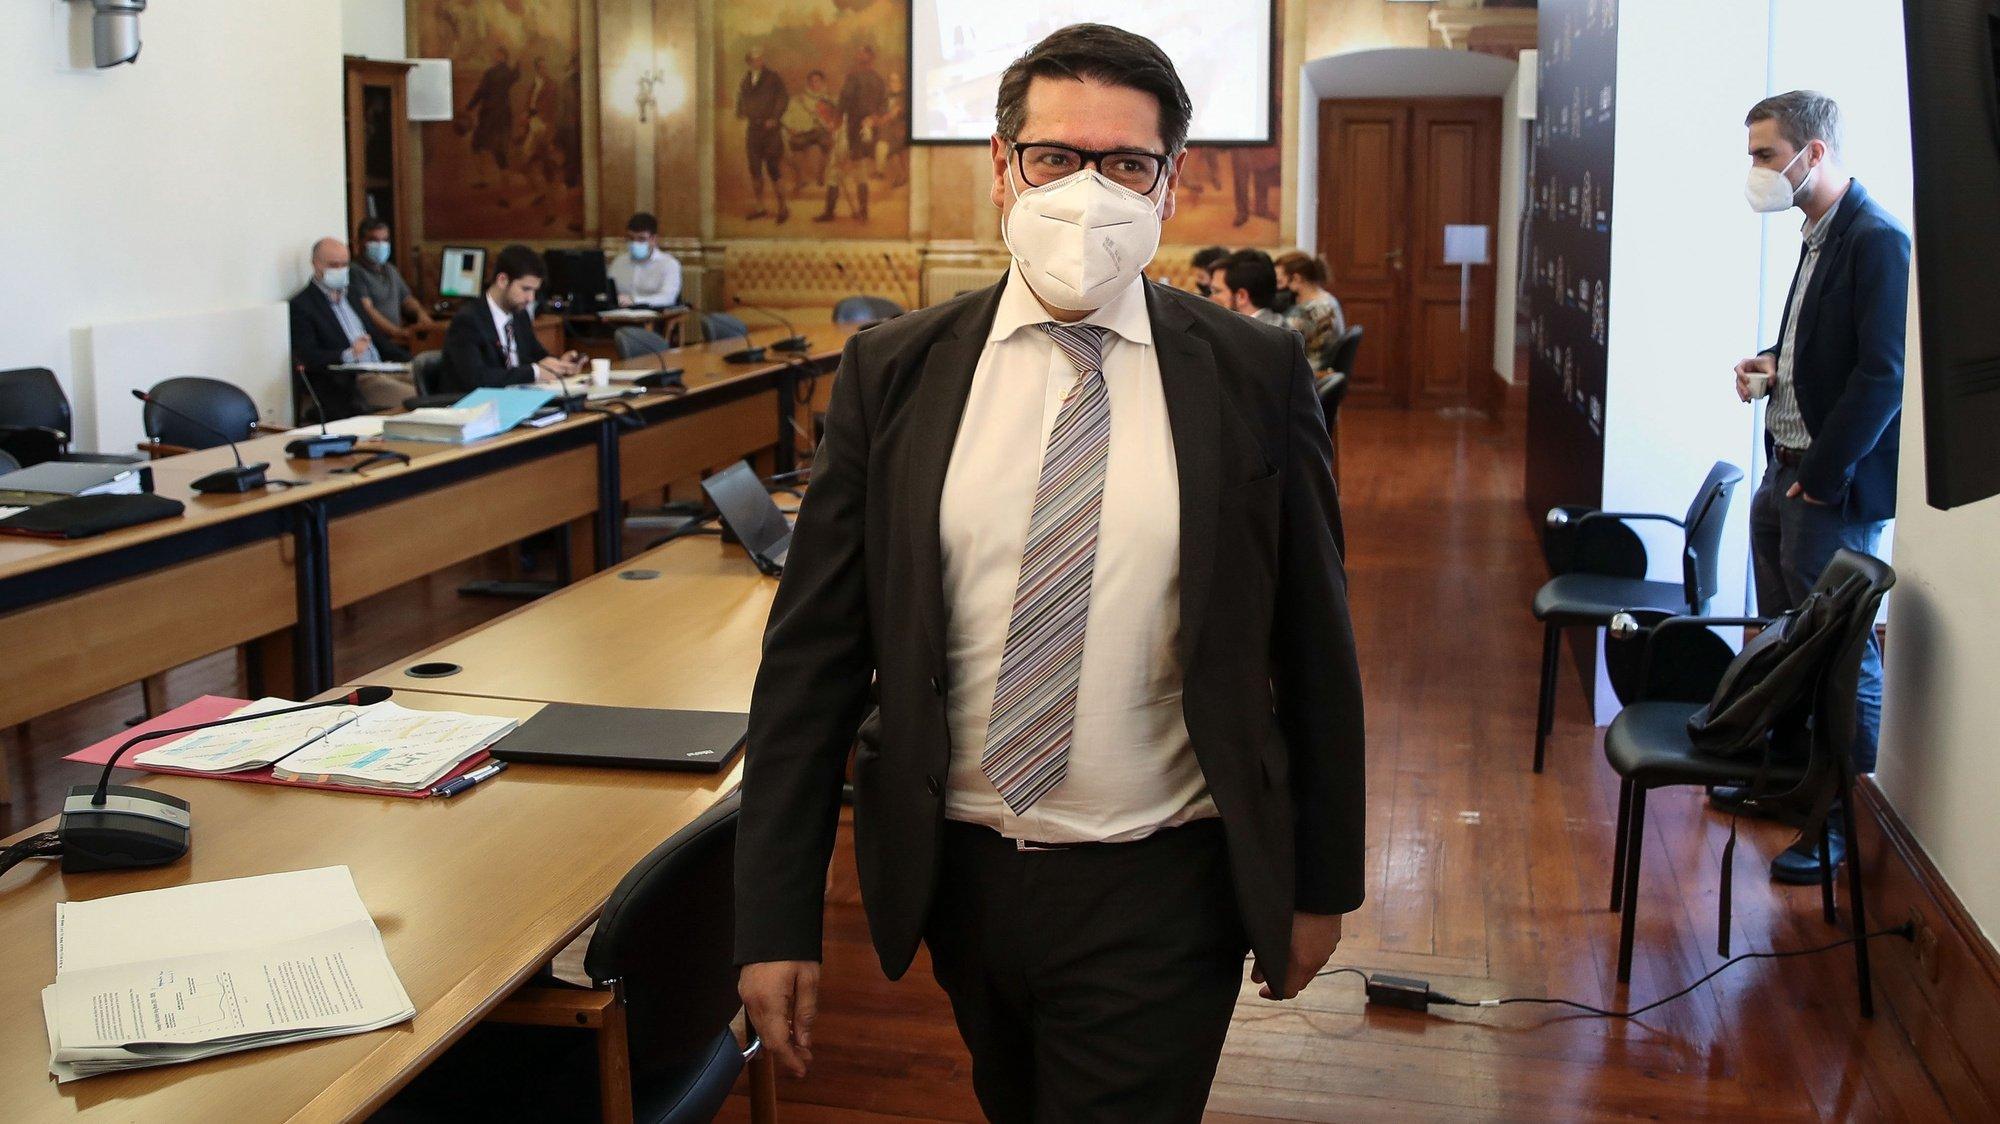 Mourinho Félix, ex-secretário de Estado Adjunto e das Finanças,  durante a audição na Comissão Eventual de Inquérito Parlamentar às perdas registadas pelo Novo Banco e imputadas ao Fundo de Resolução da  Assembleia da República, 11 junho  2021, em Lisboa.   MANUEL DE ALMEIDA / LUSA